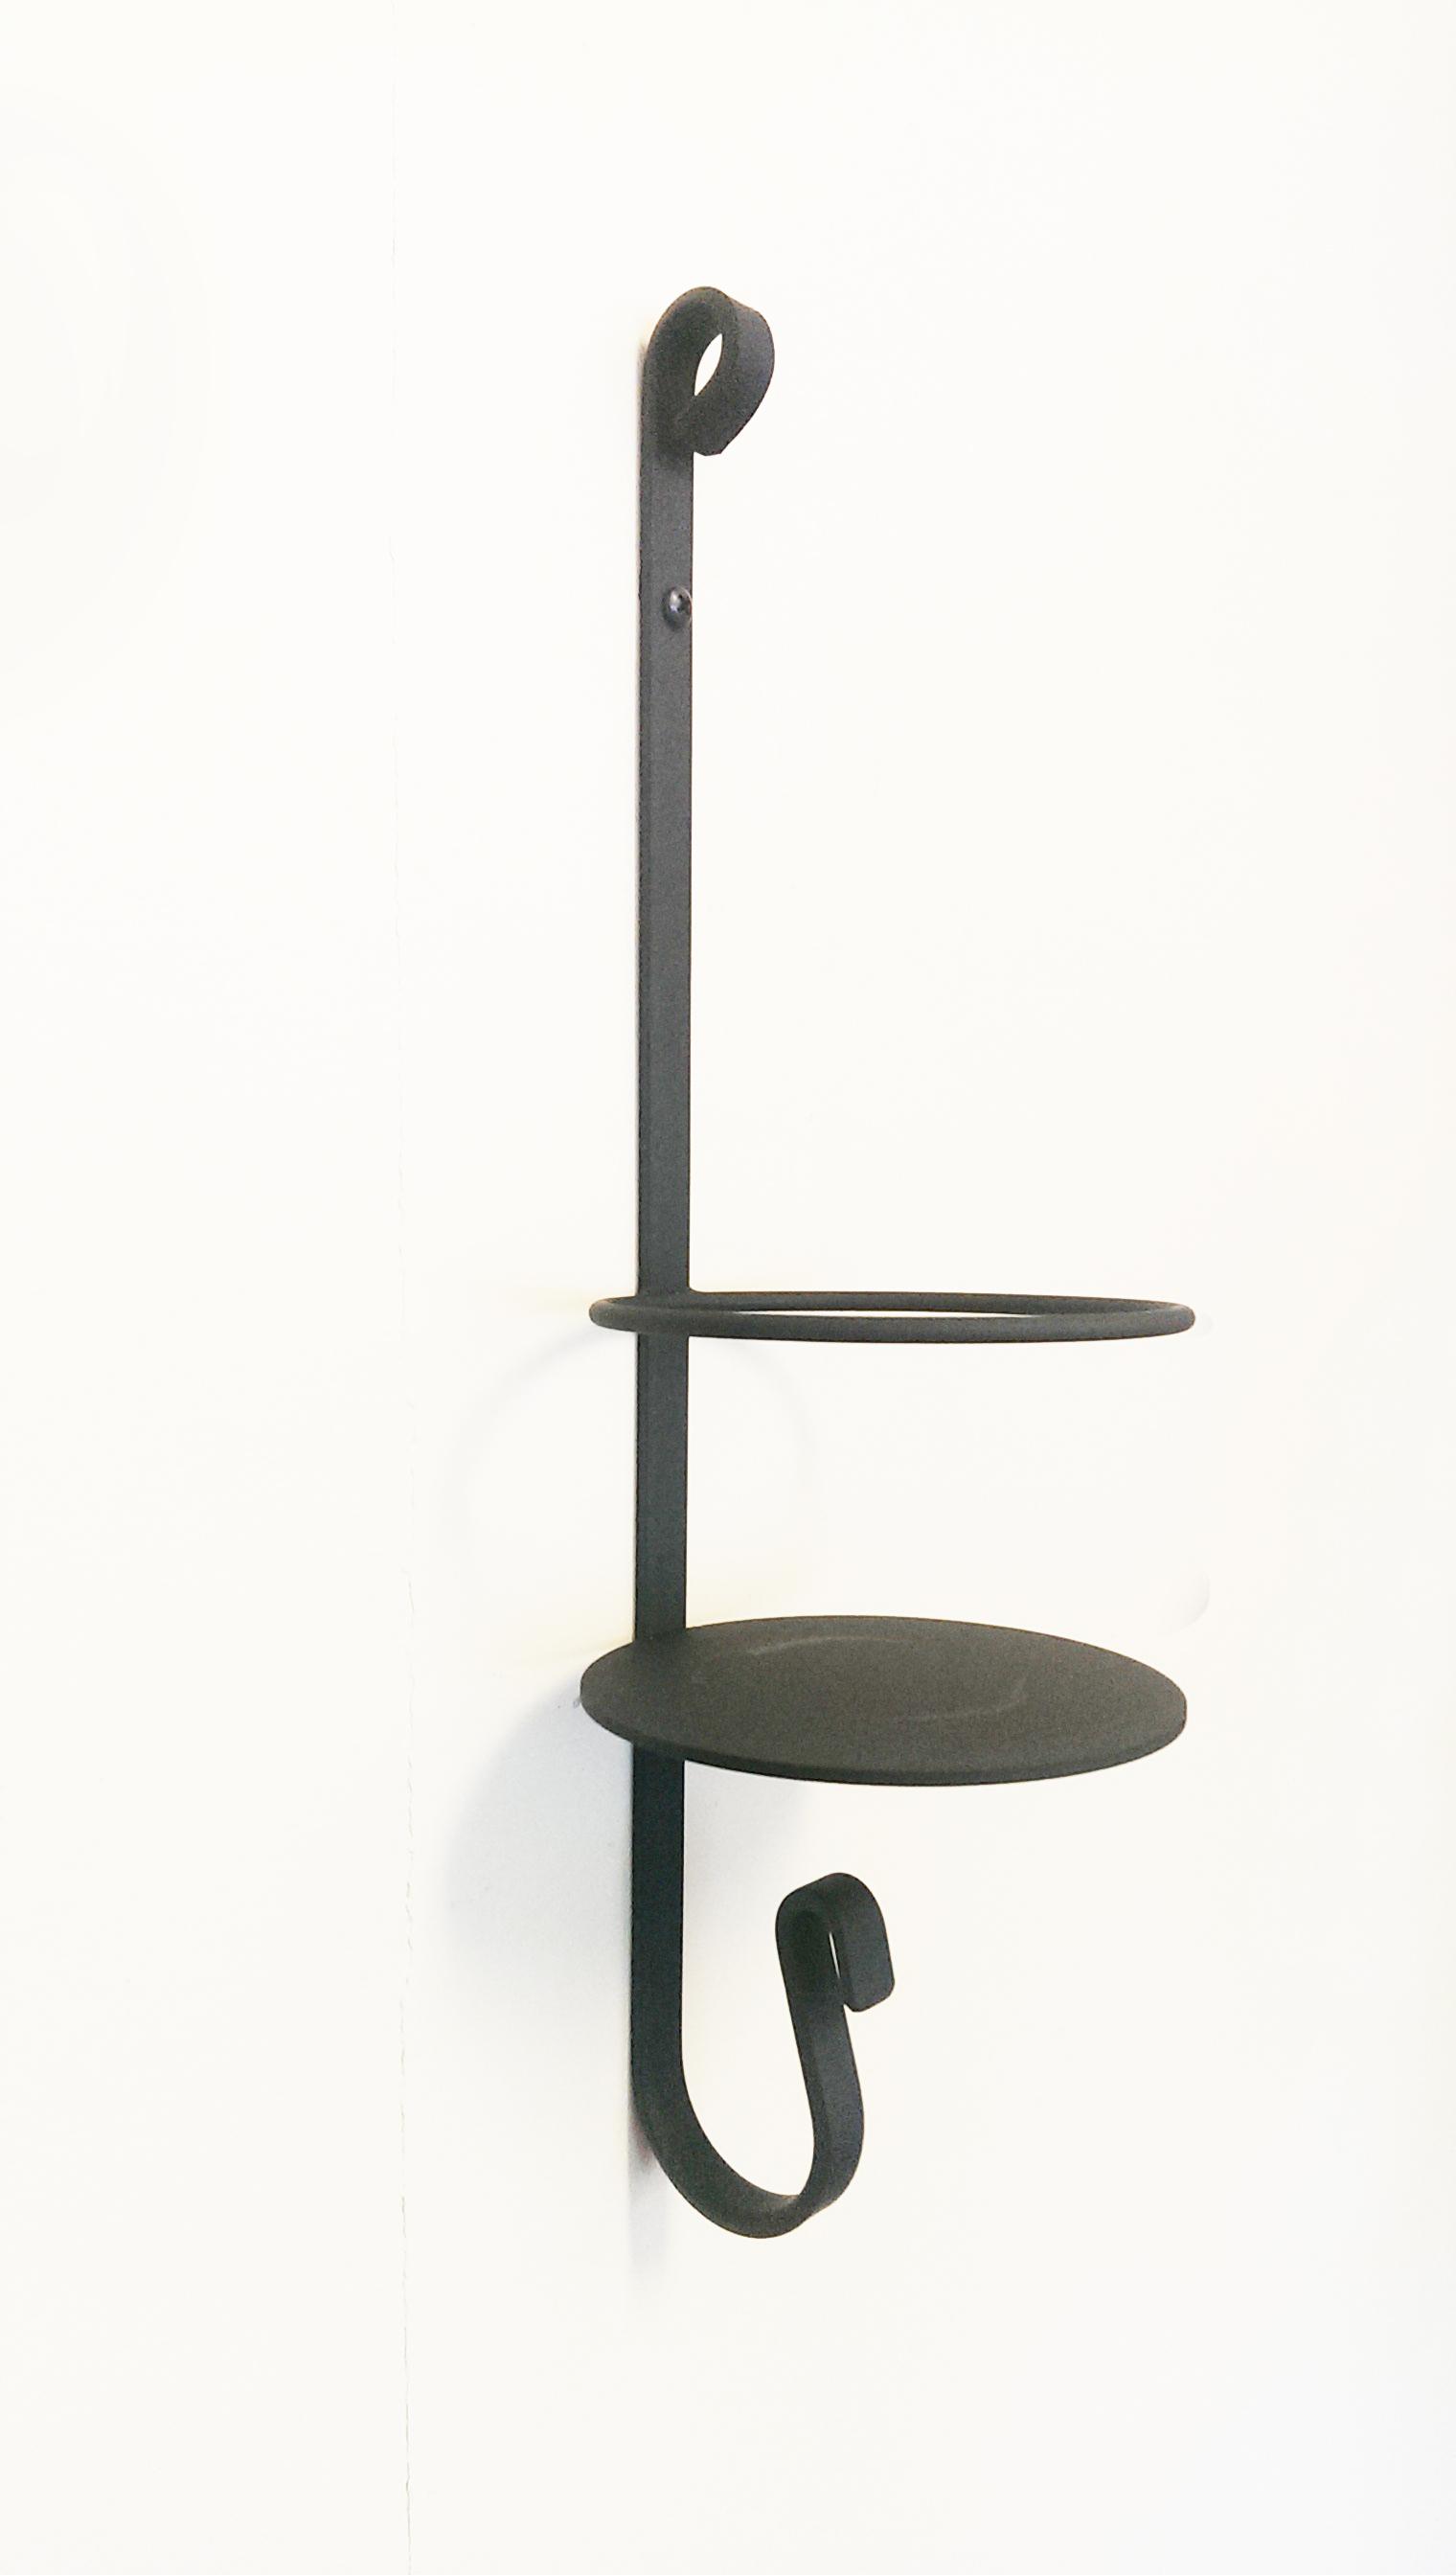 VWI - C-J-6 - Candle Jar Sconce Holder